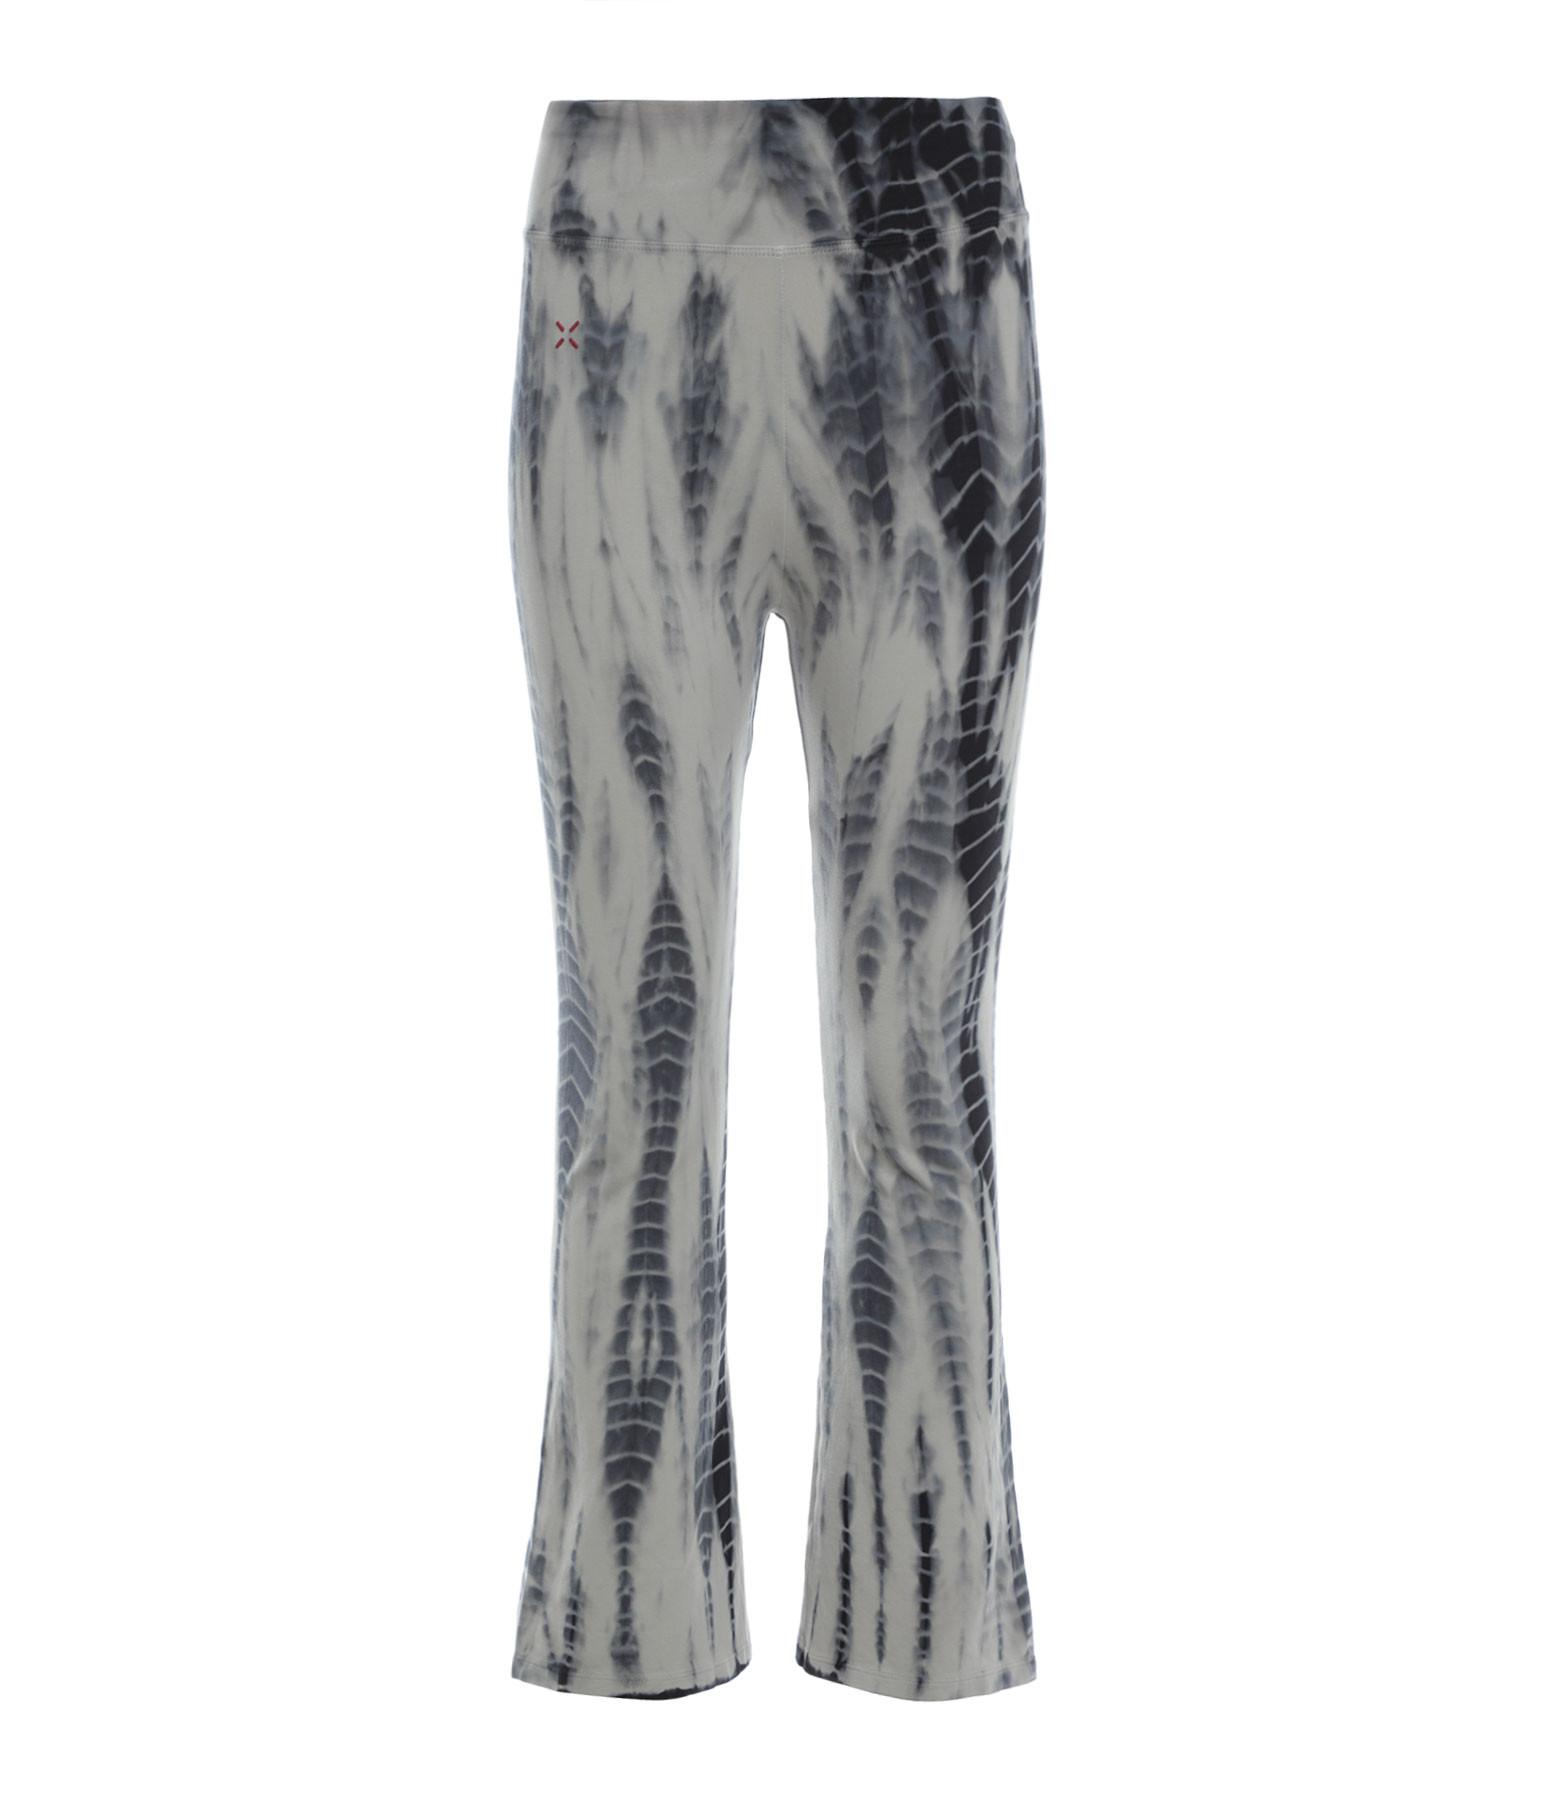 LOVE & LET DYE - Legging Melrose Coton Ciment Navy